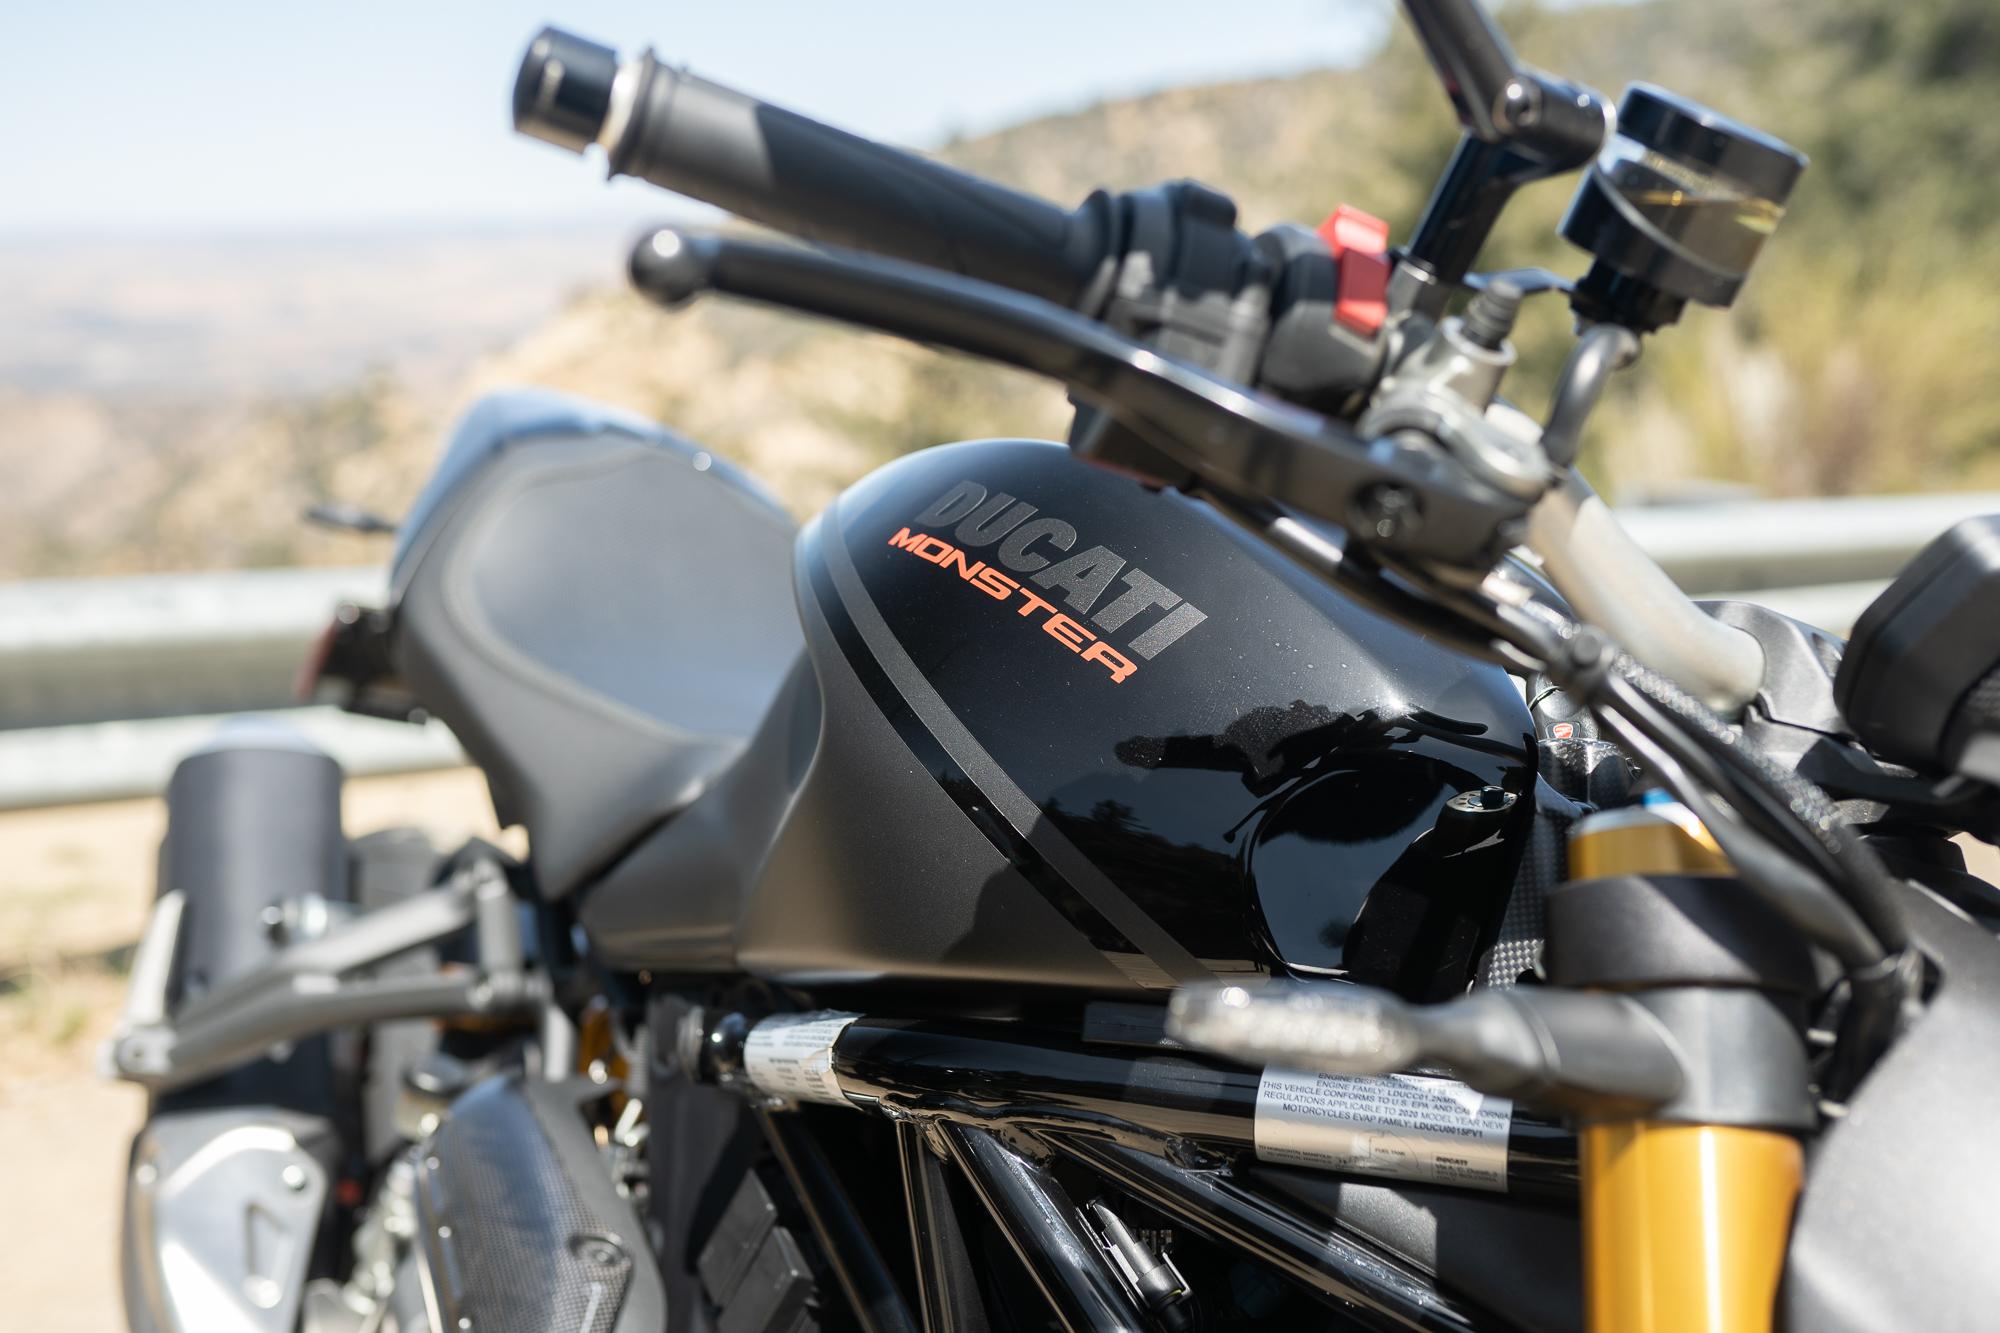 2021 Ducati Monster 1200 S tank detail